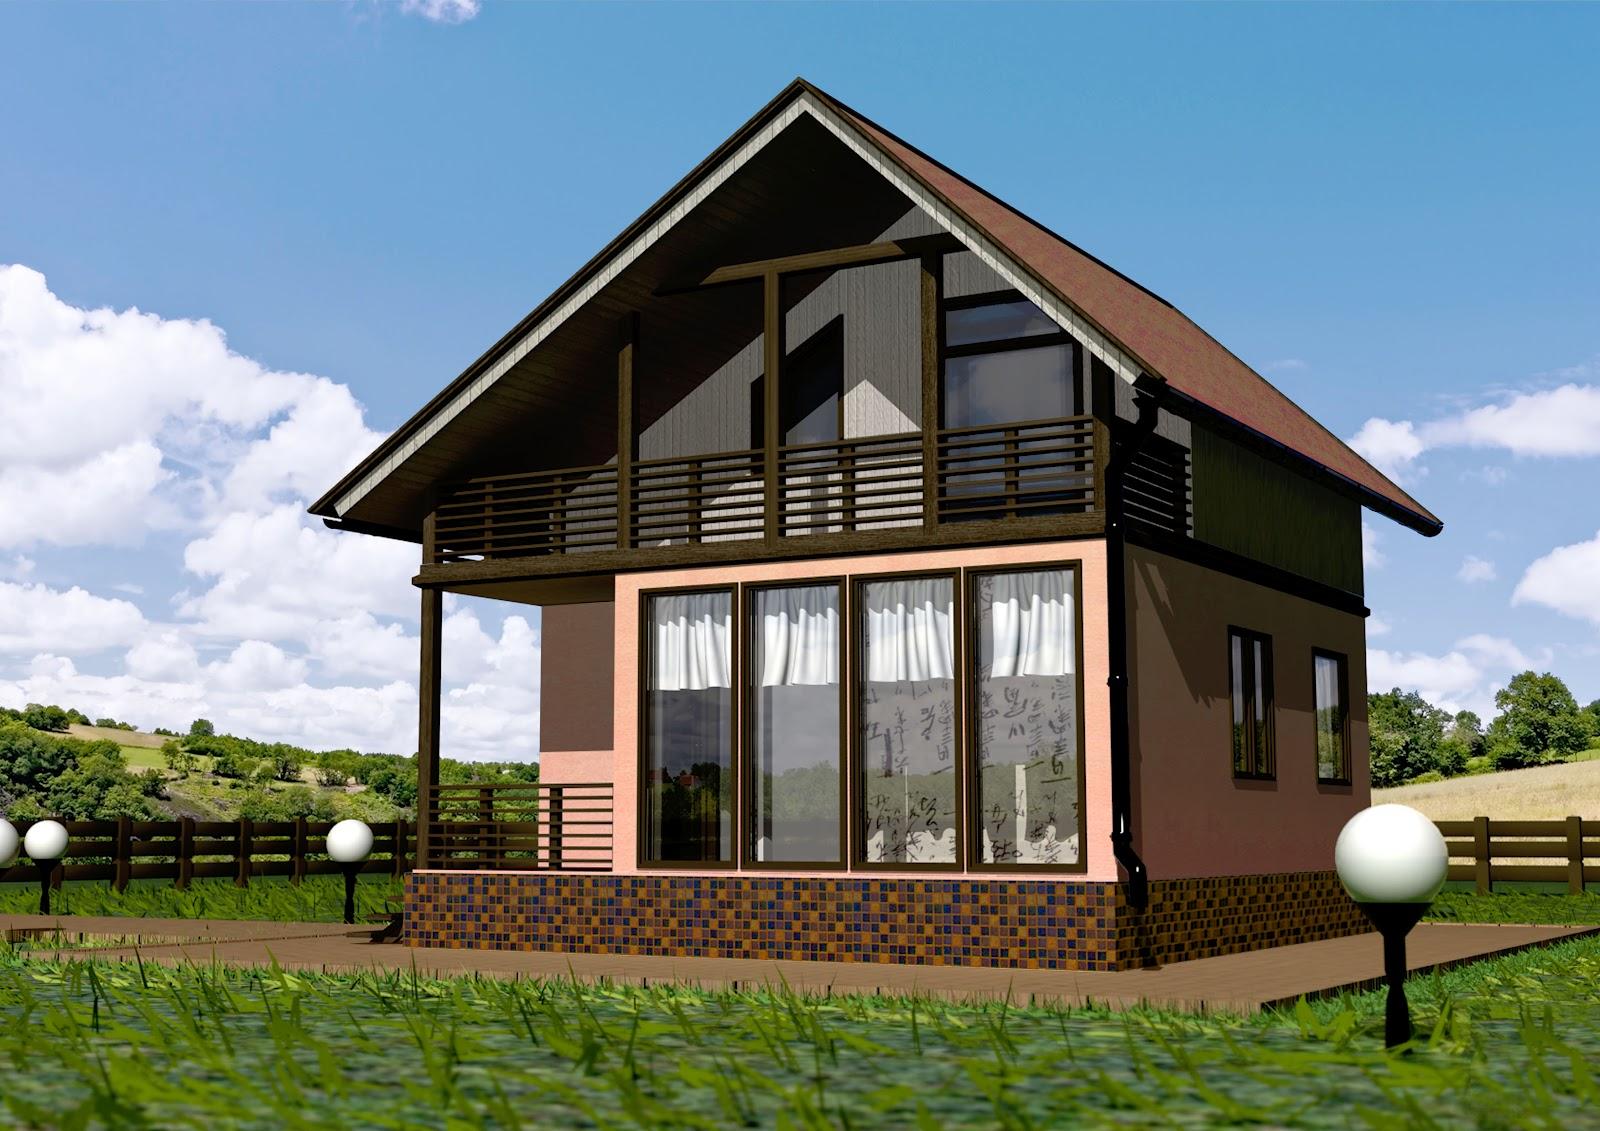 панельные частные дома на фото